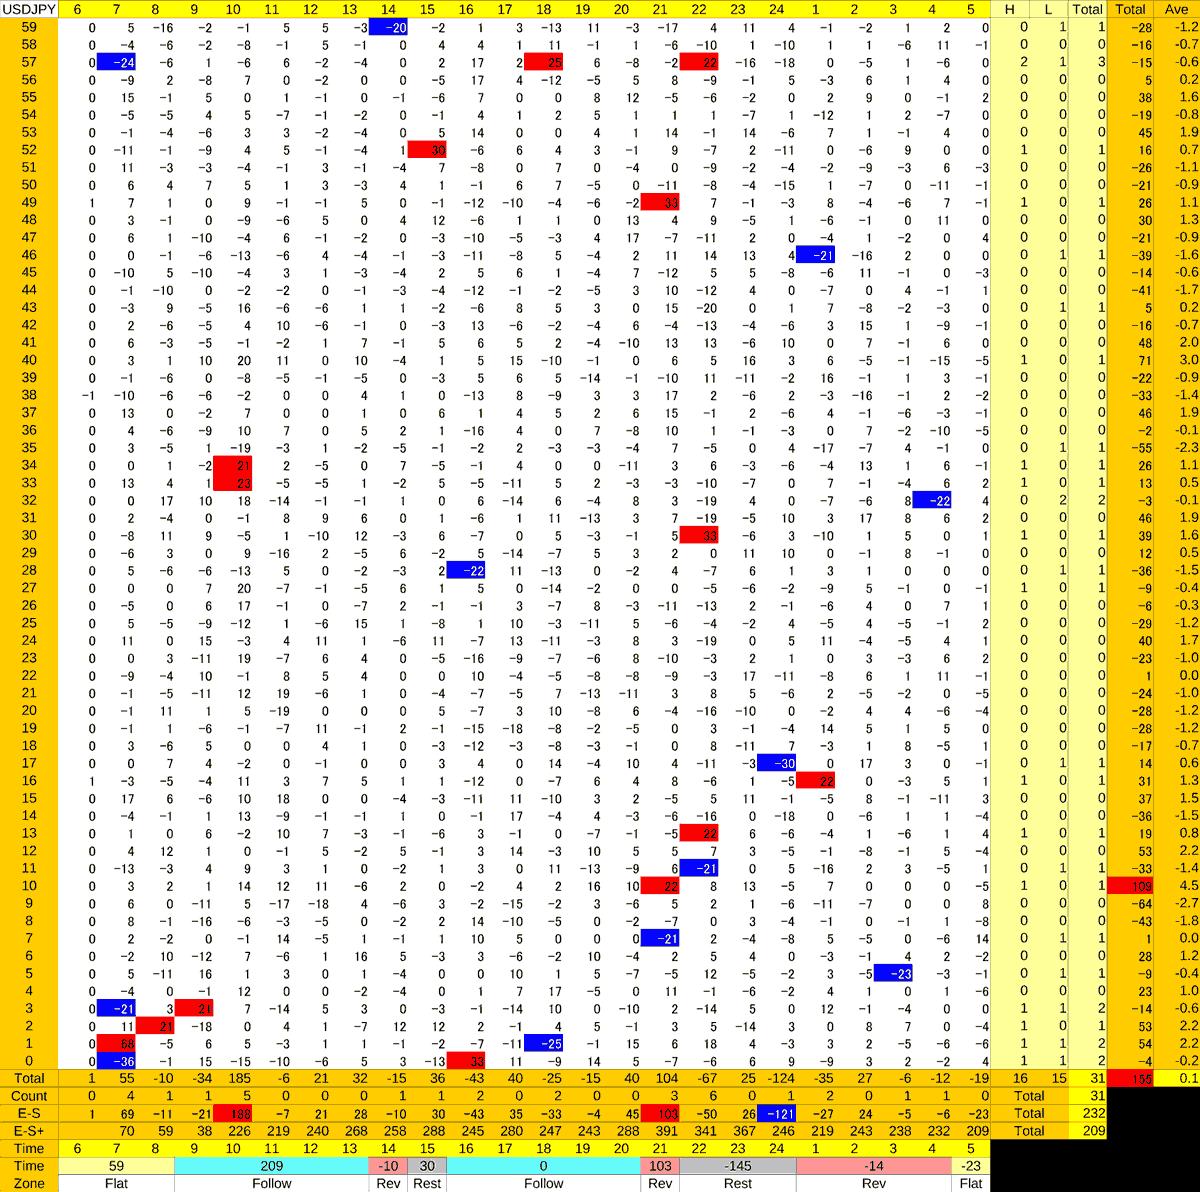 20201026_HS(1)USDJPY